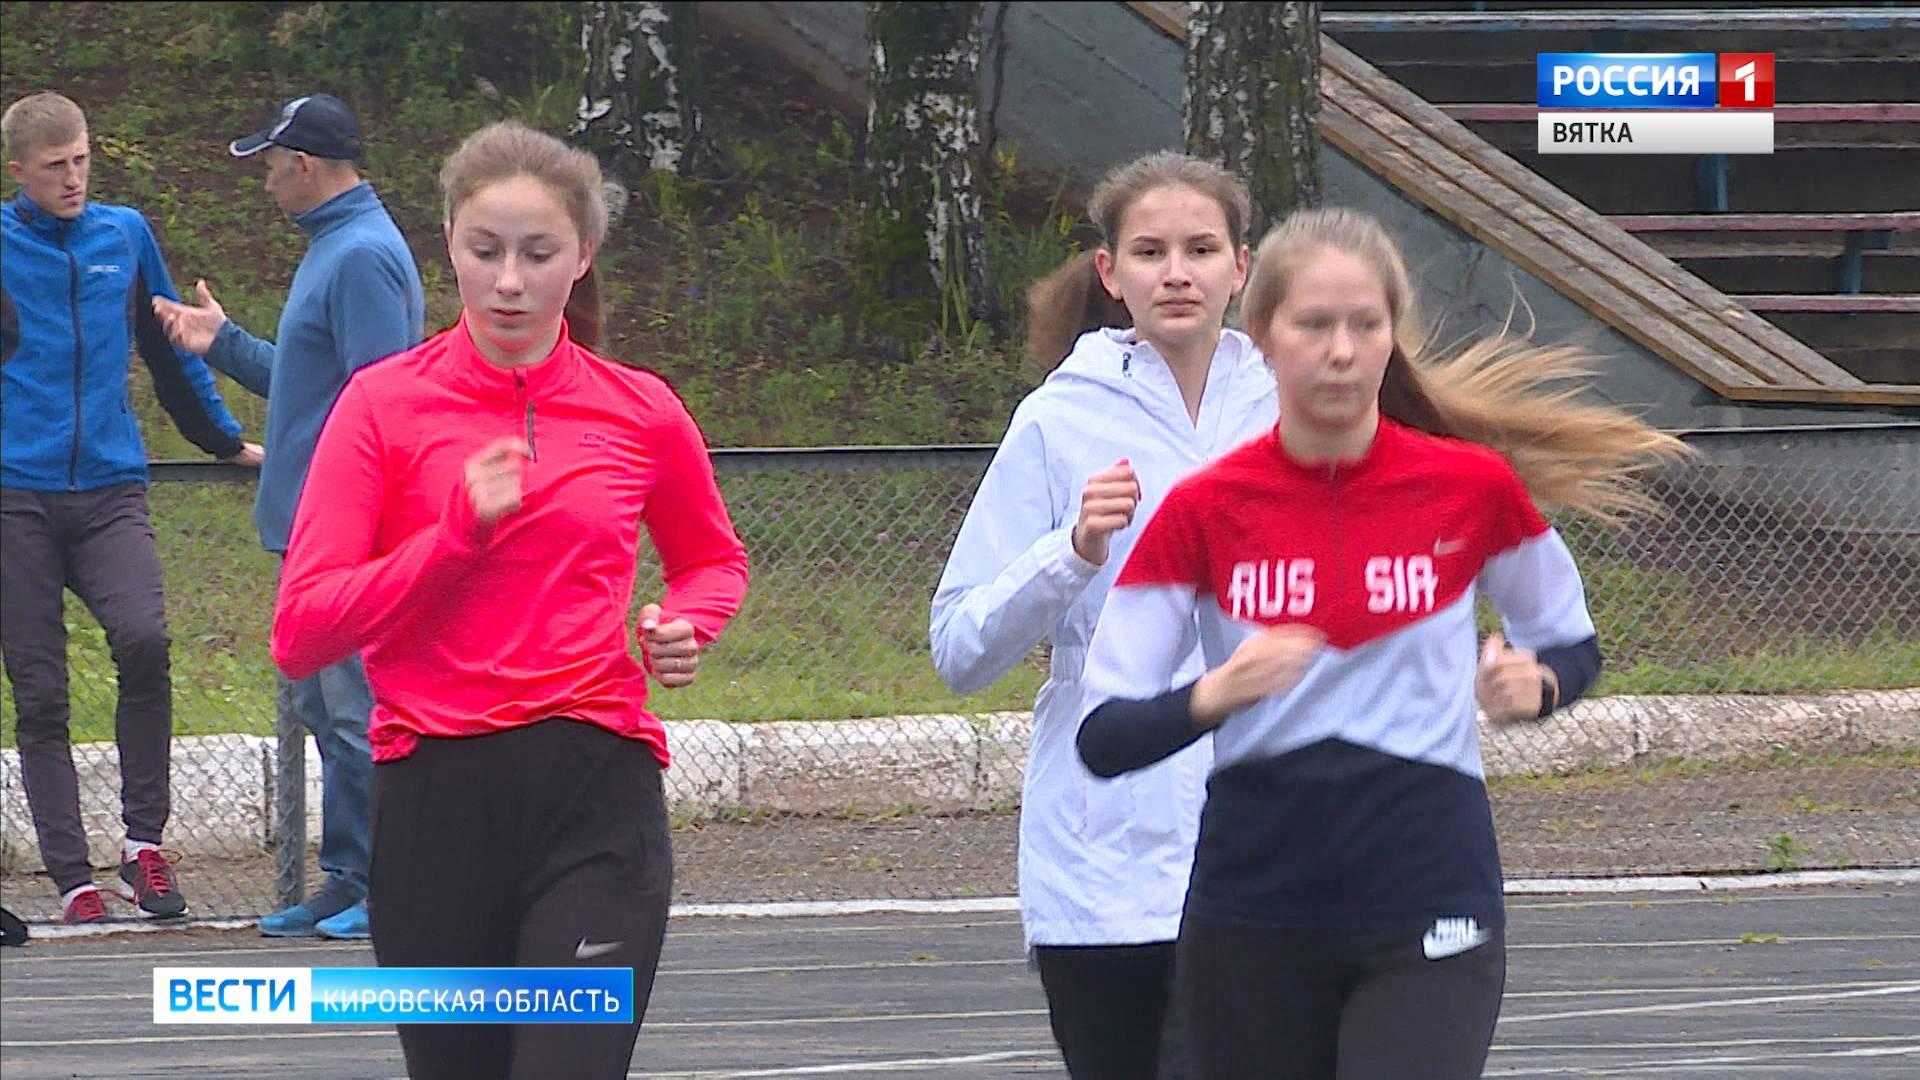 Кировские легкоатлеты вернулись к обычному тренировочному процессу